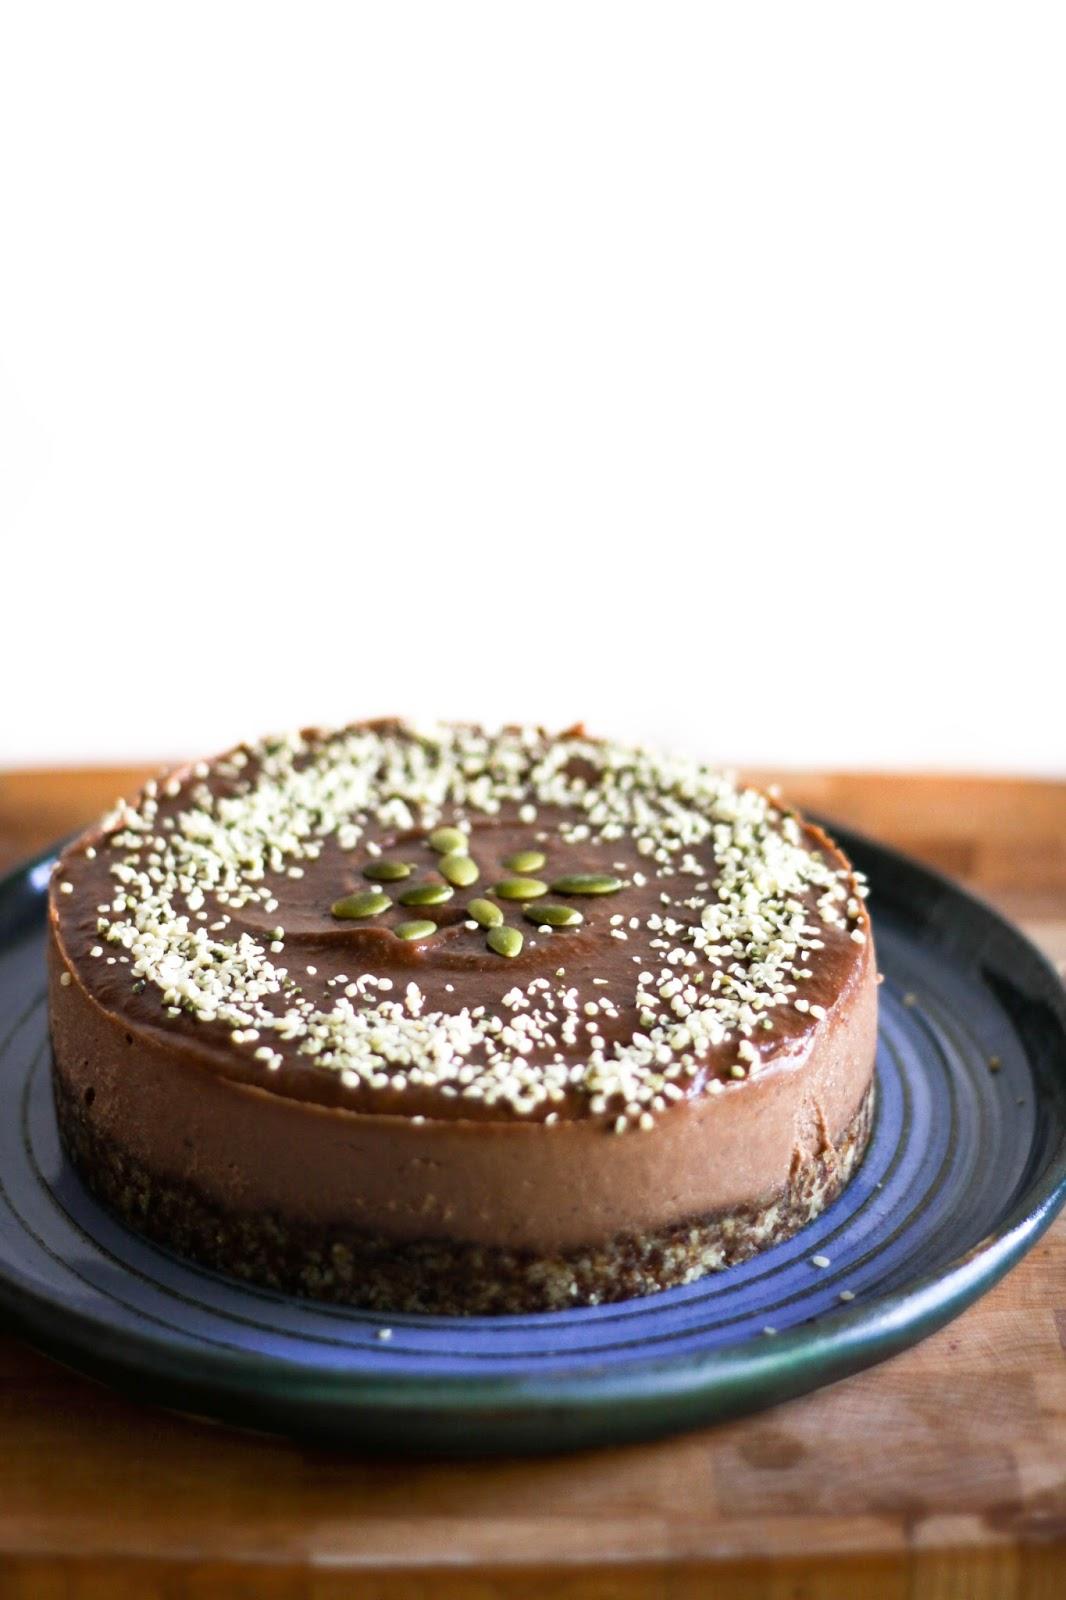 Raw Vegan Chocolate Banana Cake